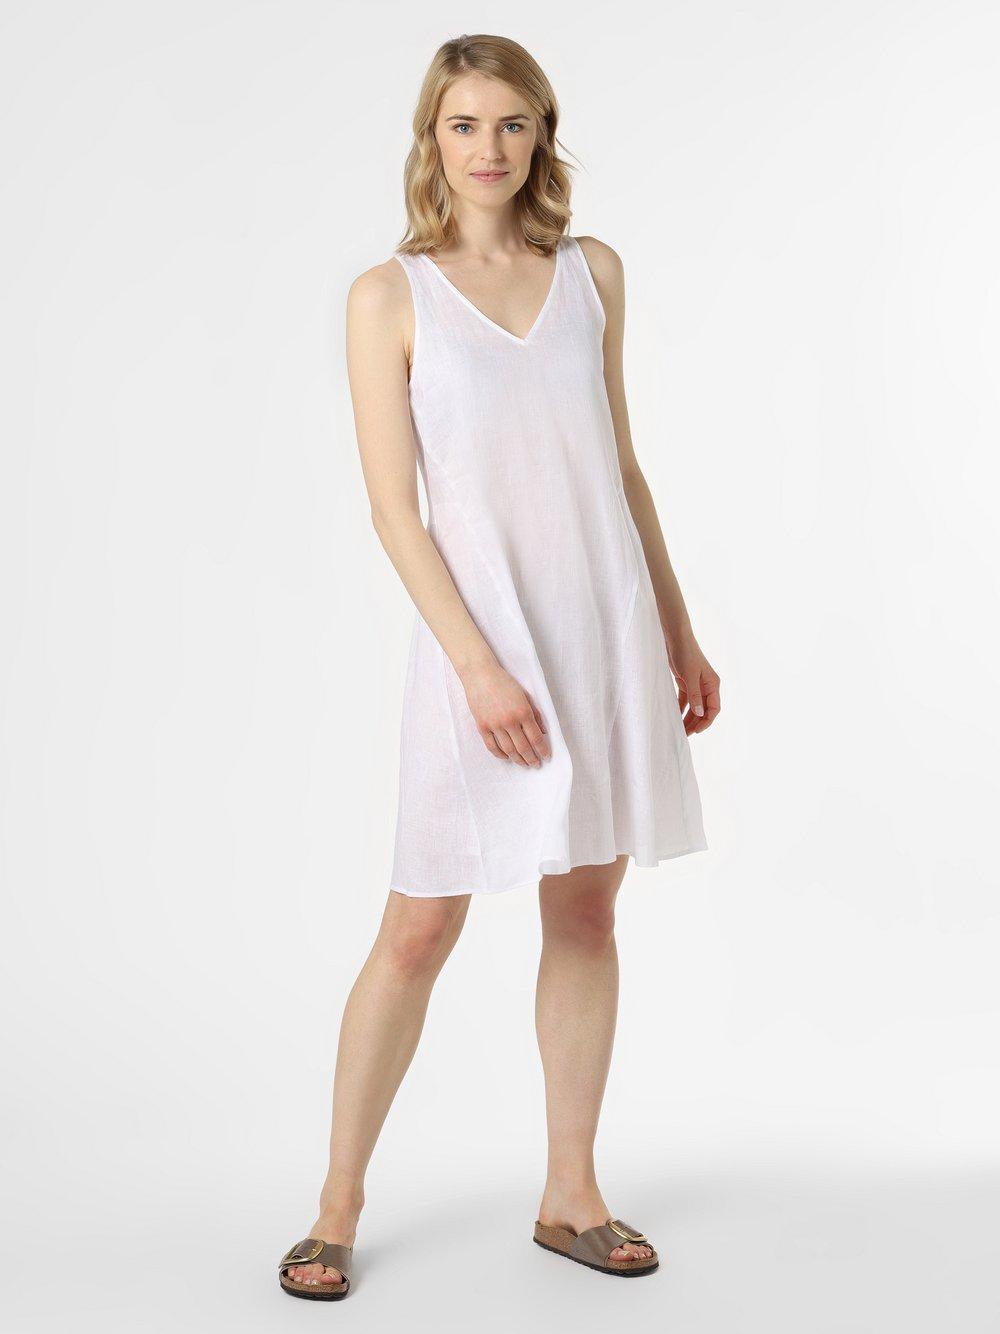 Armani Exchange - Damska sukienka lniana, biały